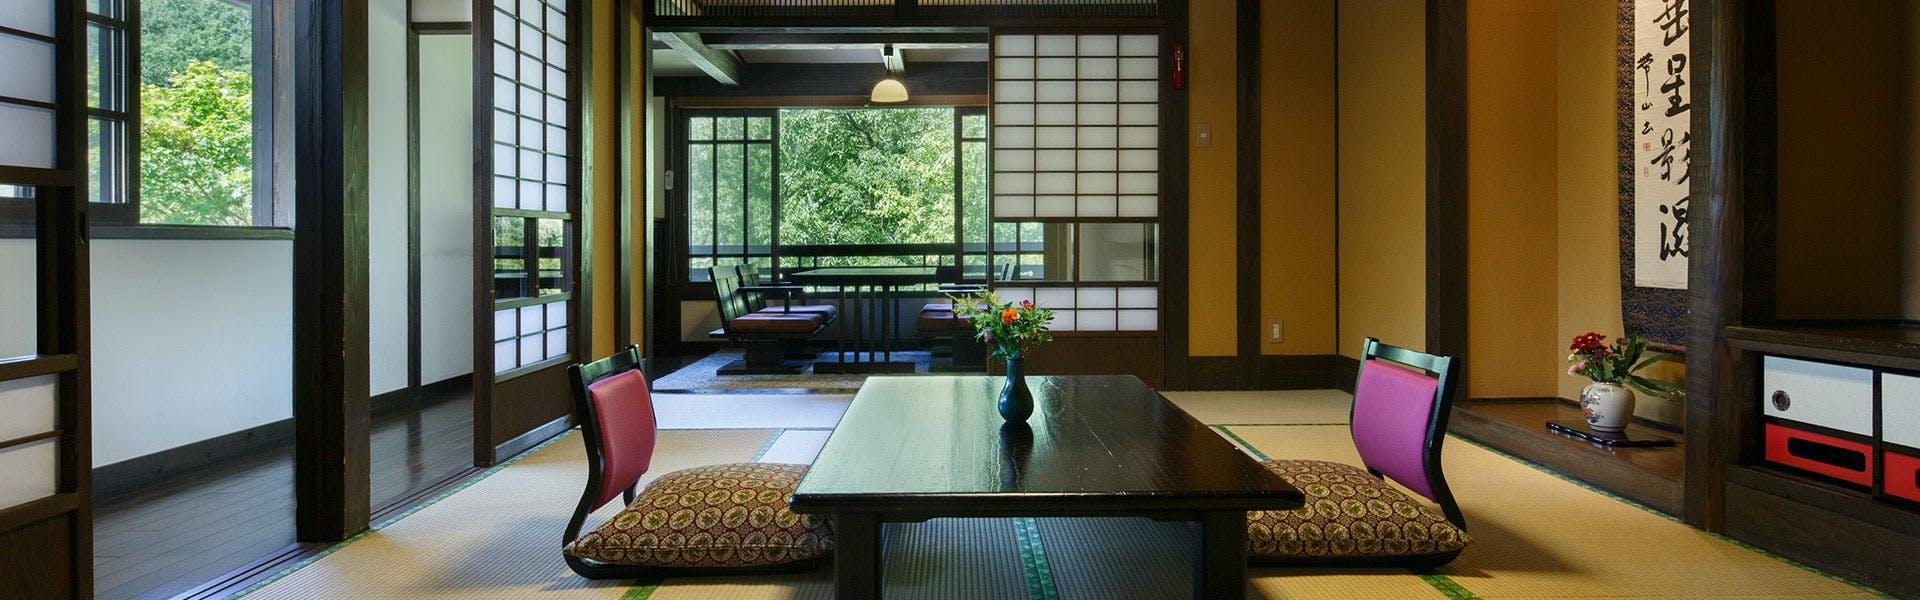 記念日におすすめのホテル・【黒川温泉 山あいの宿 山みず木】の写真2